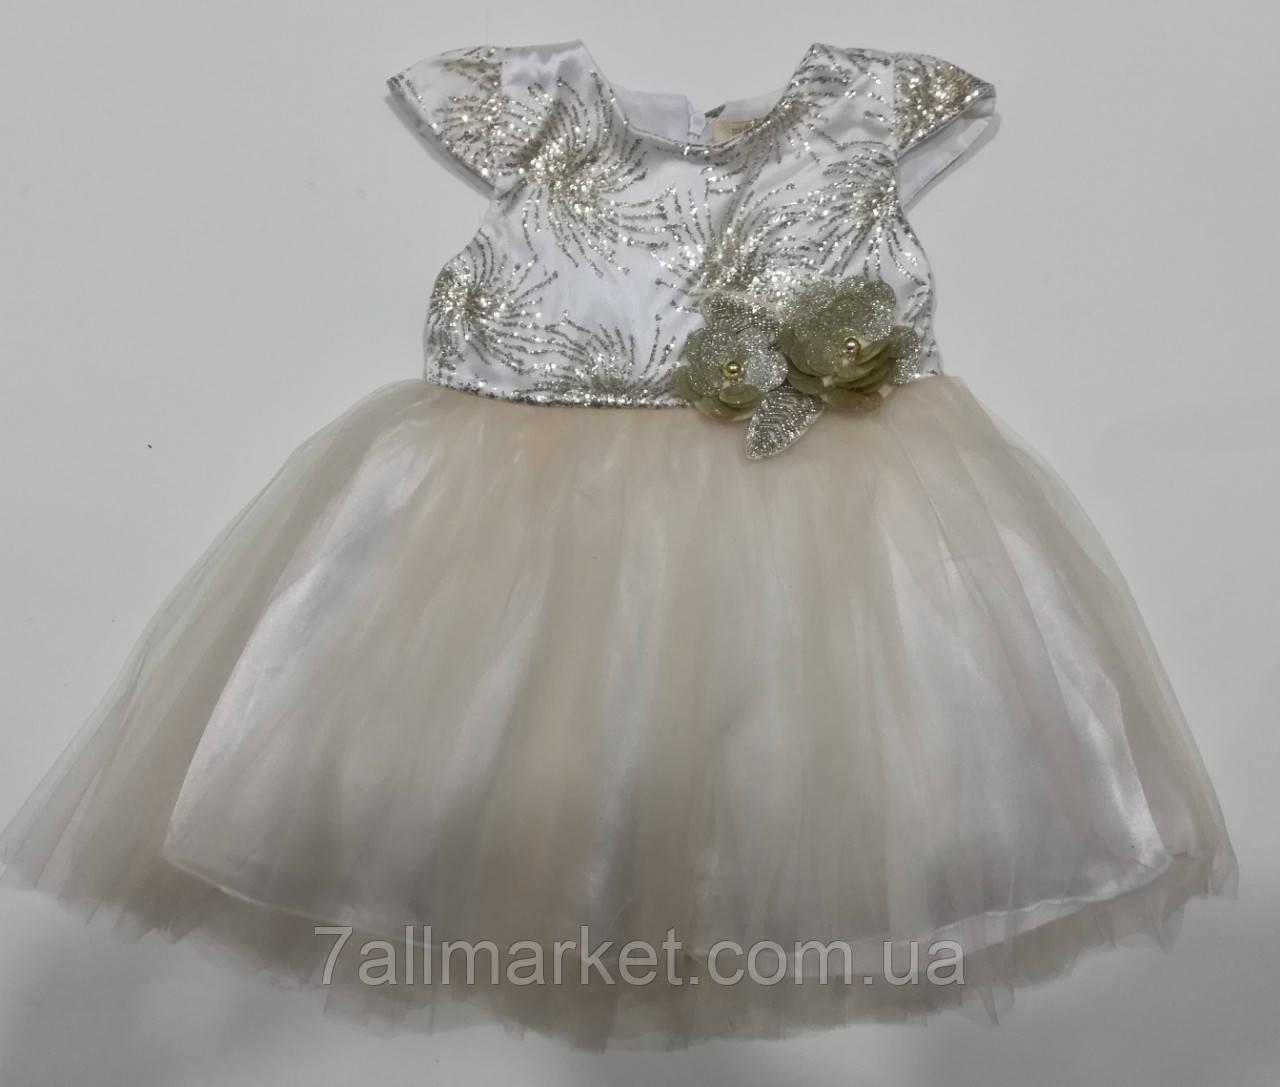 8da625ea015 Платье бальное нарядное золотистое на девочку от 9-24 мес.Серии